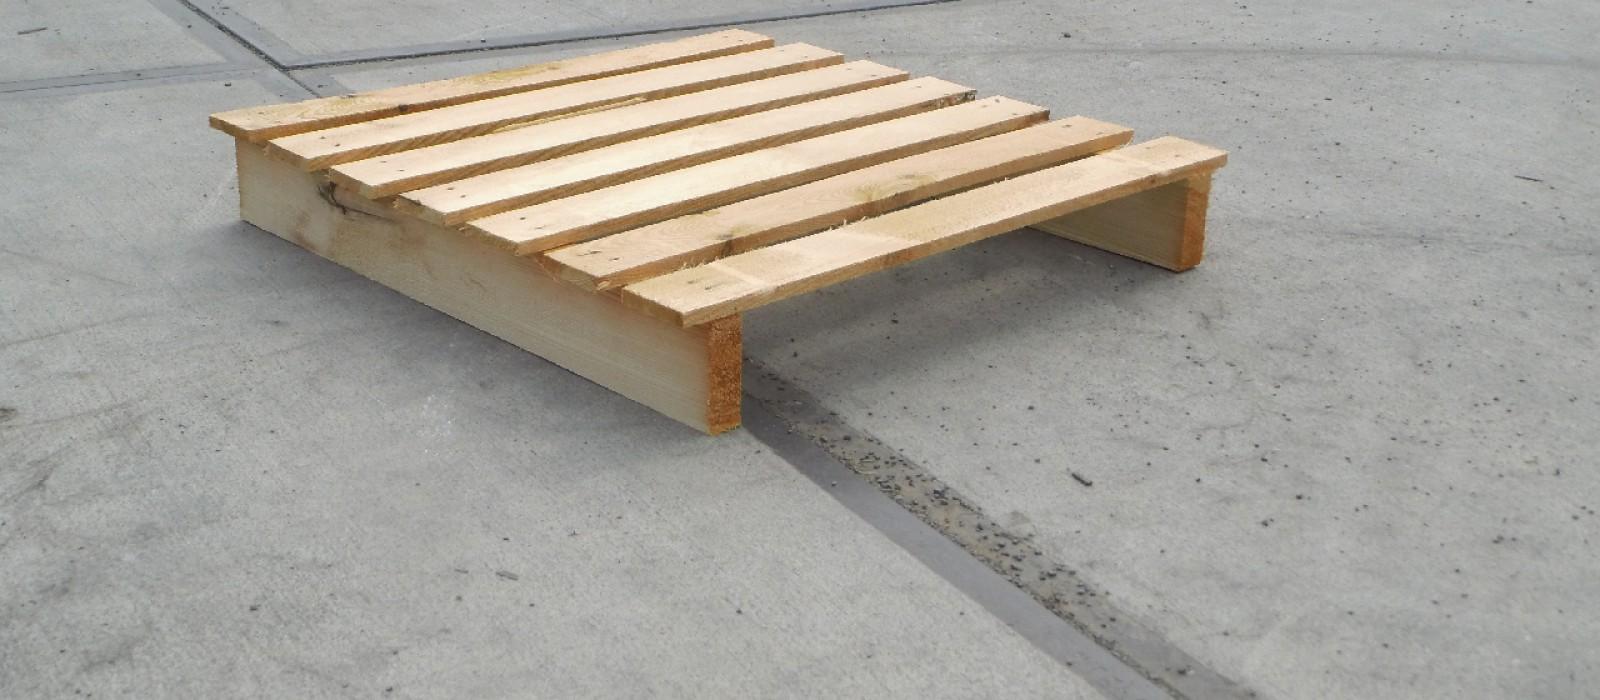 Holzpalette-mit-7-Deckbrettern-und-2-Bodenkufen